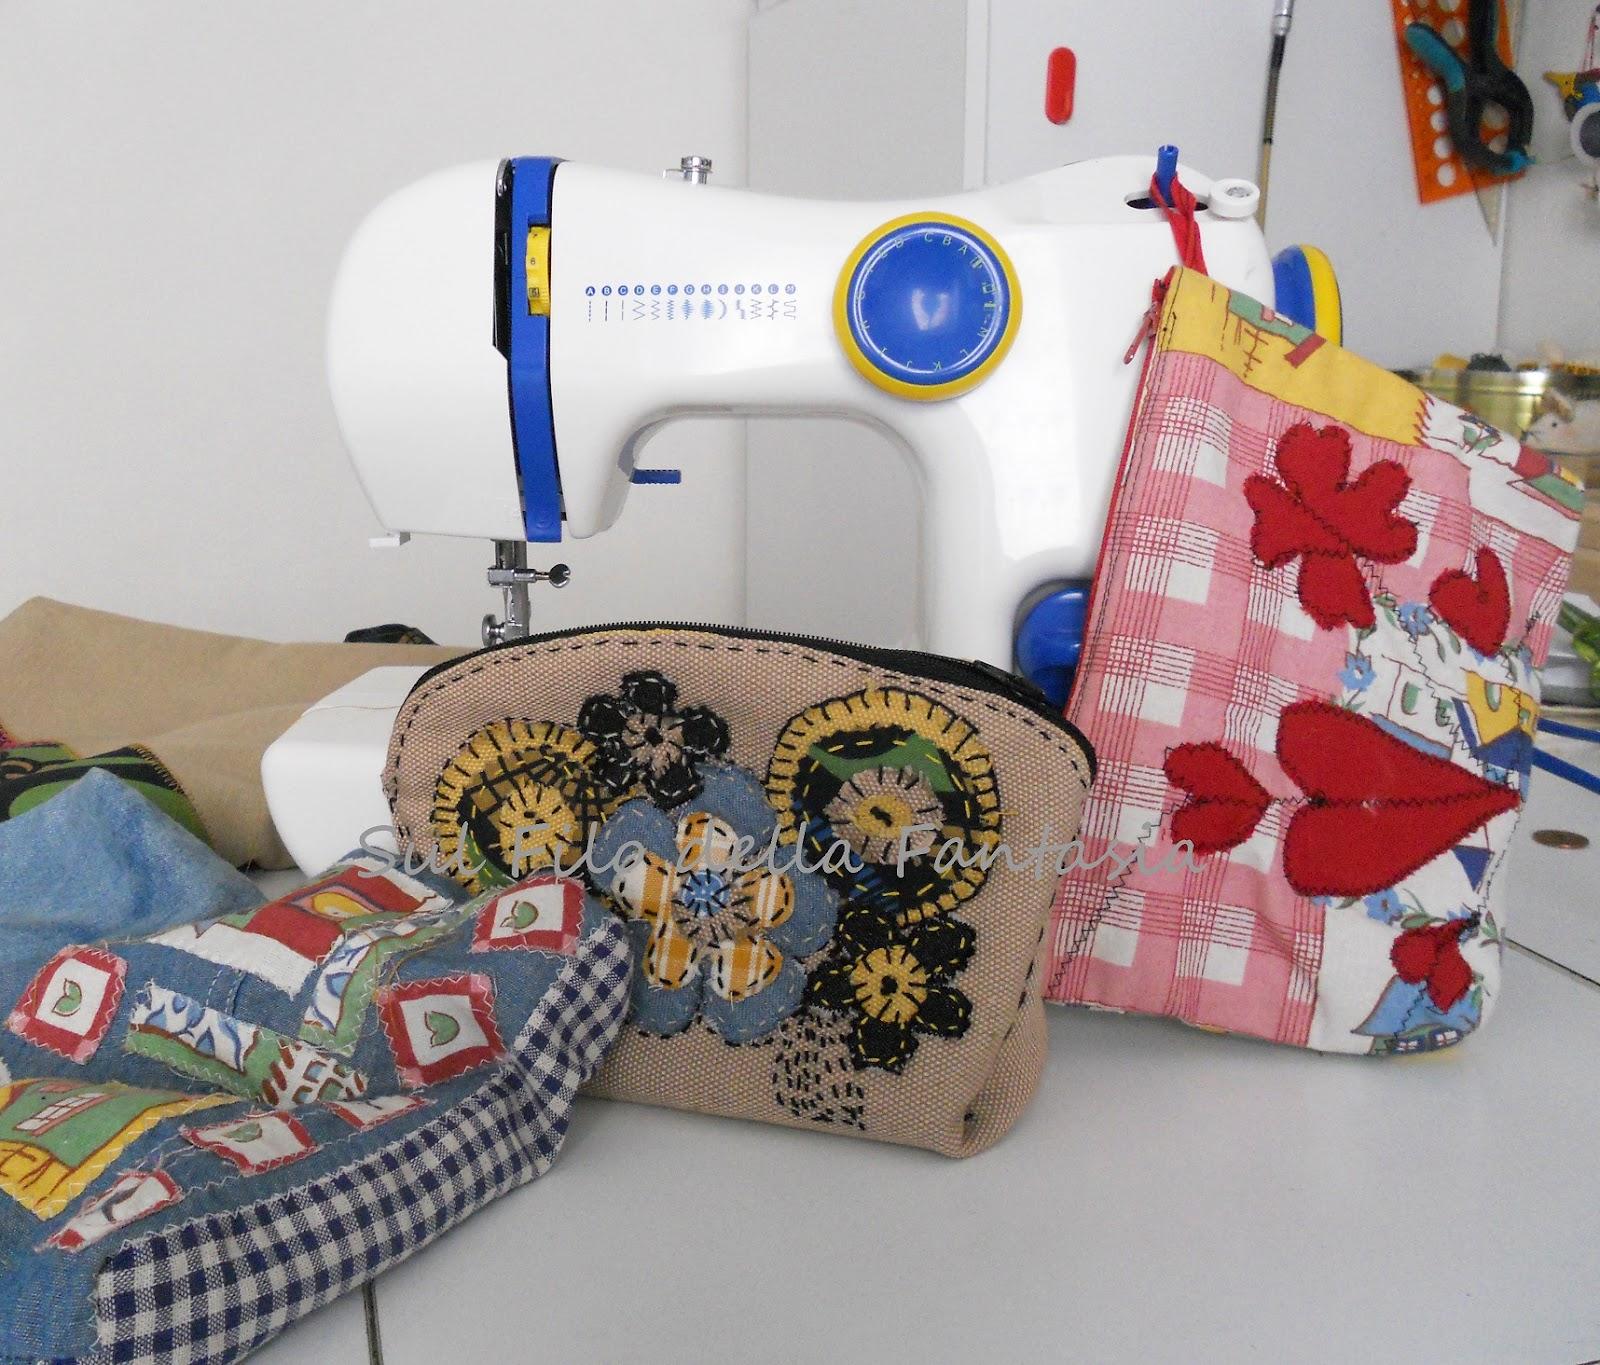 Sul filo della fantasia sy macchina da cucire una specie di giocattolo mi piace - Macchina da cucire ikea opinioni ...